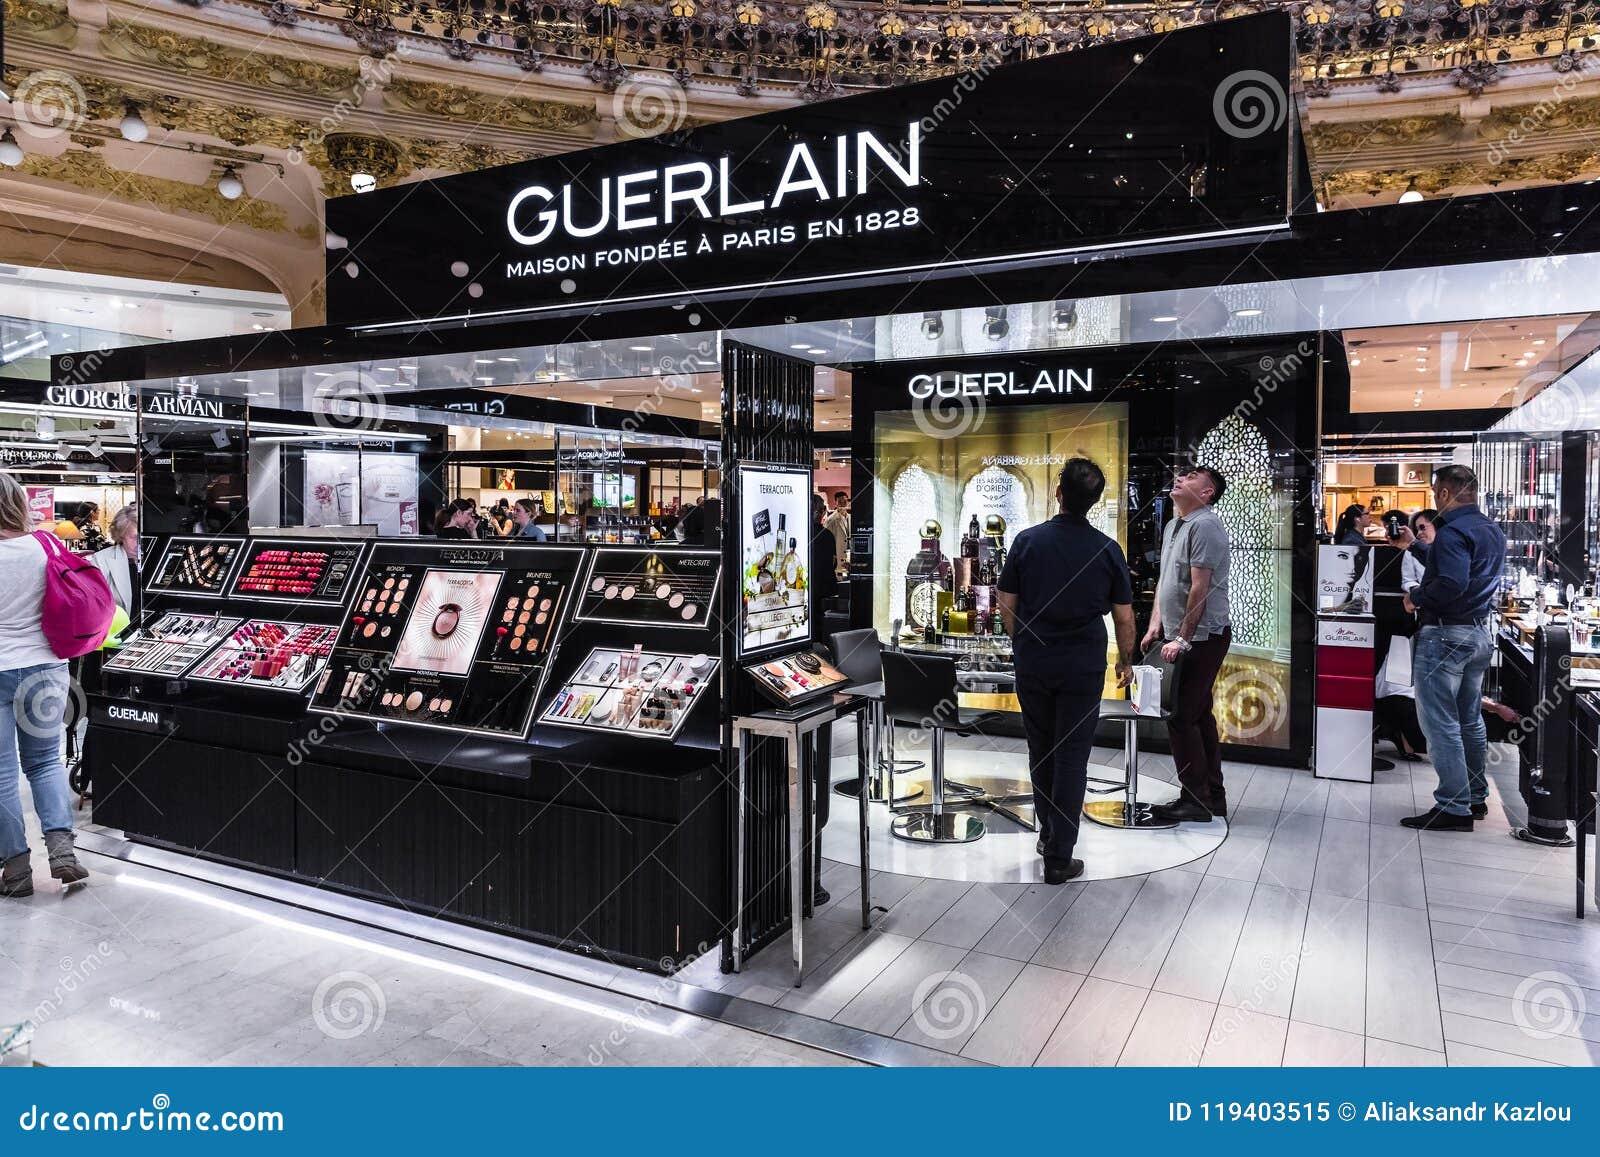 La Les À Guerlain Dans Section De Galeries Font Des Emplettes Gens RjqcL43A5